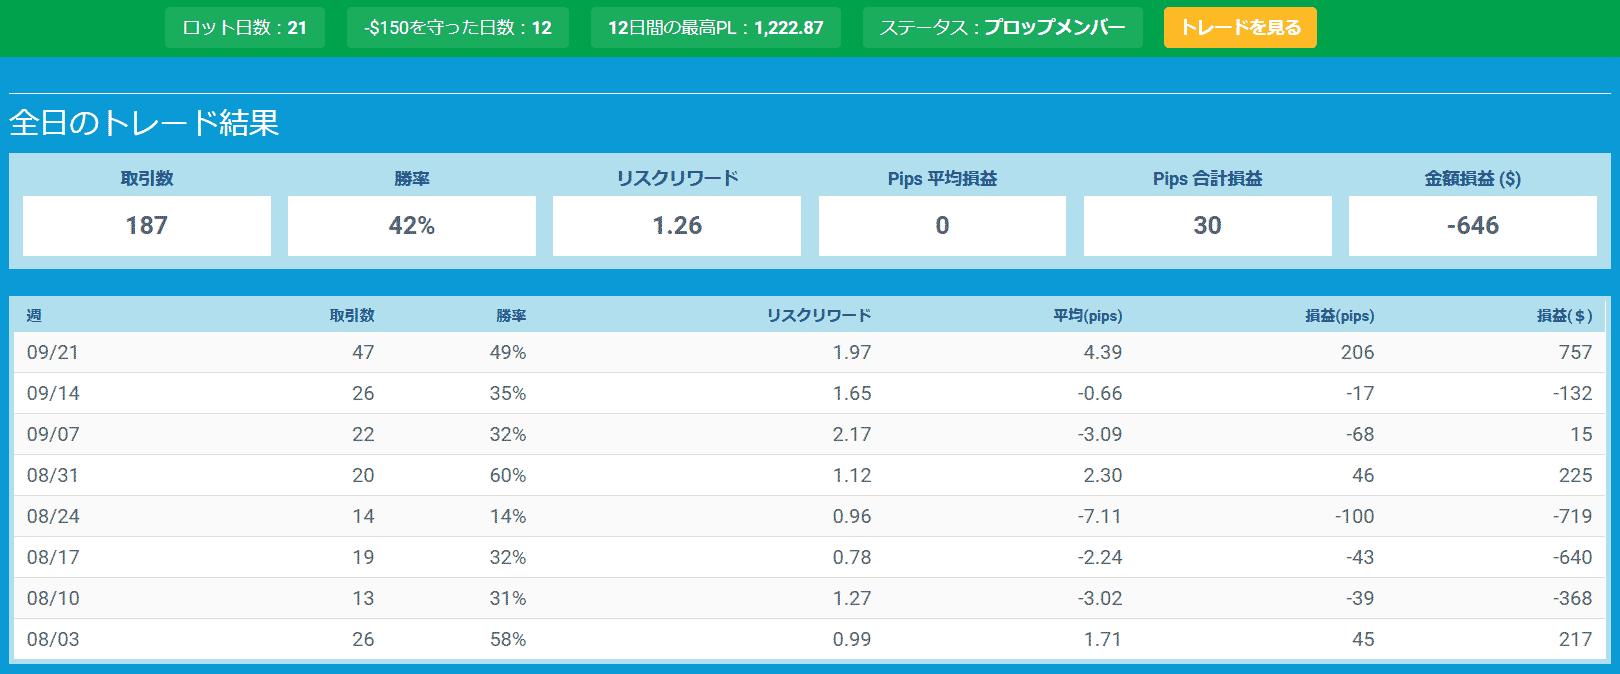 プロップトレーダーチャートHasegawa3